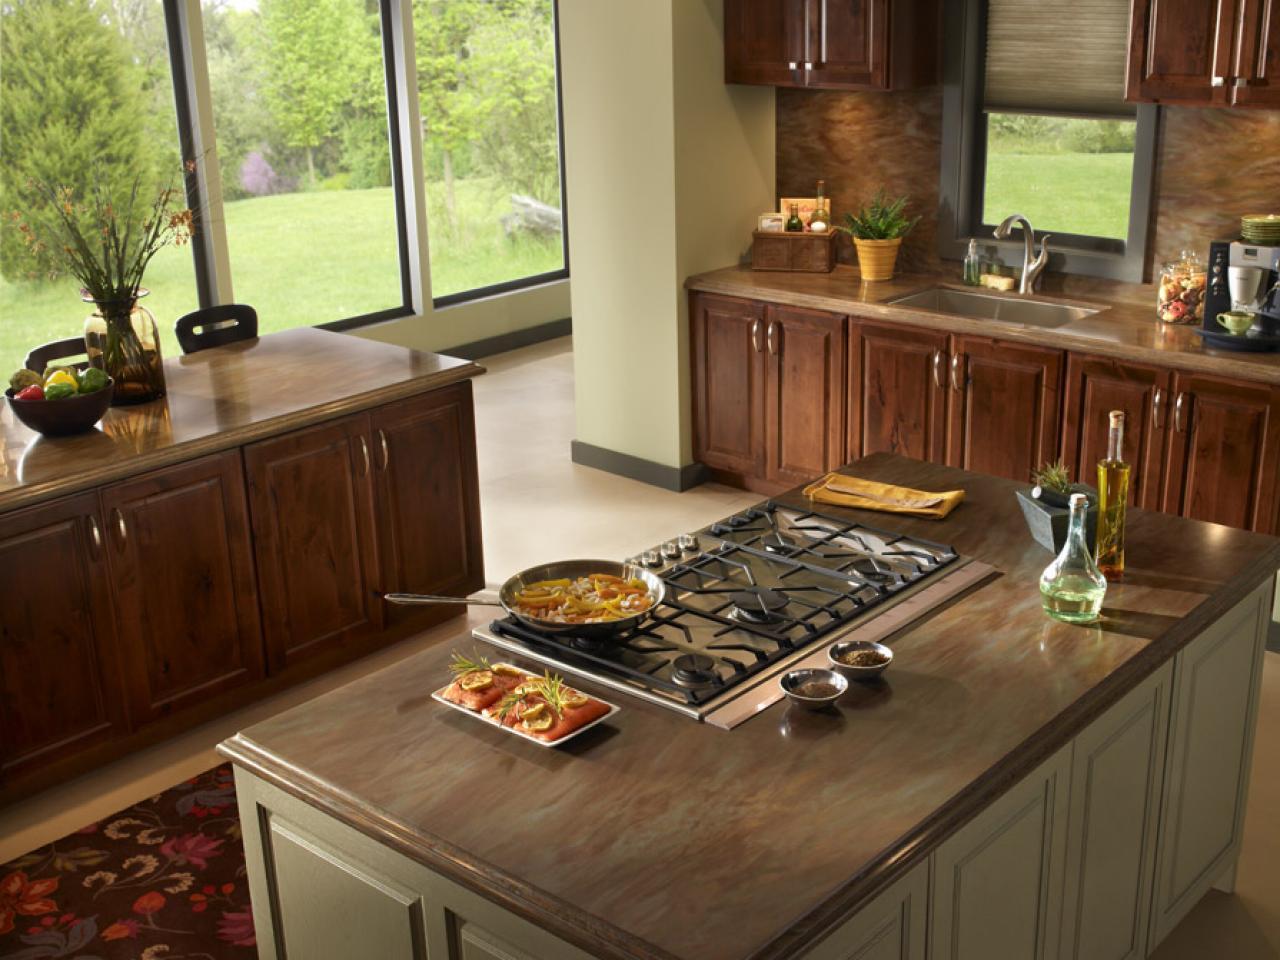 cozinha com móveis de madeira e cooktop